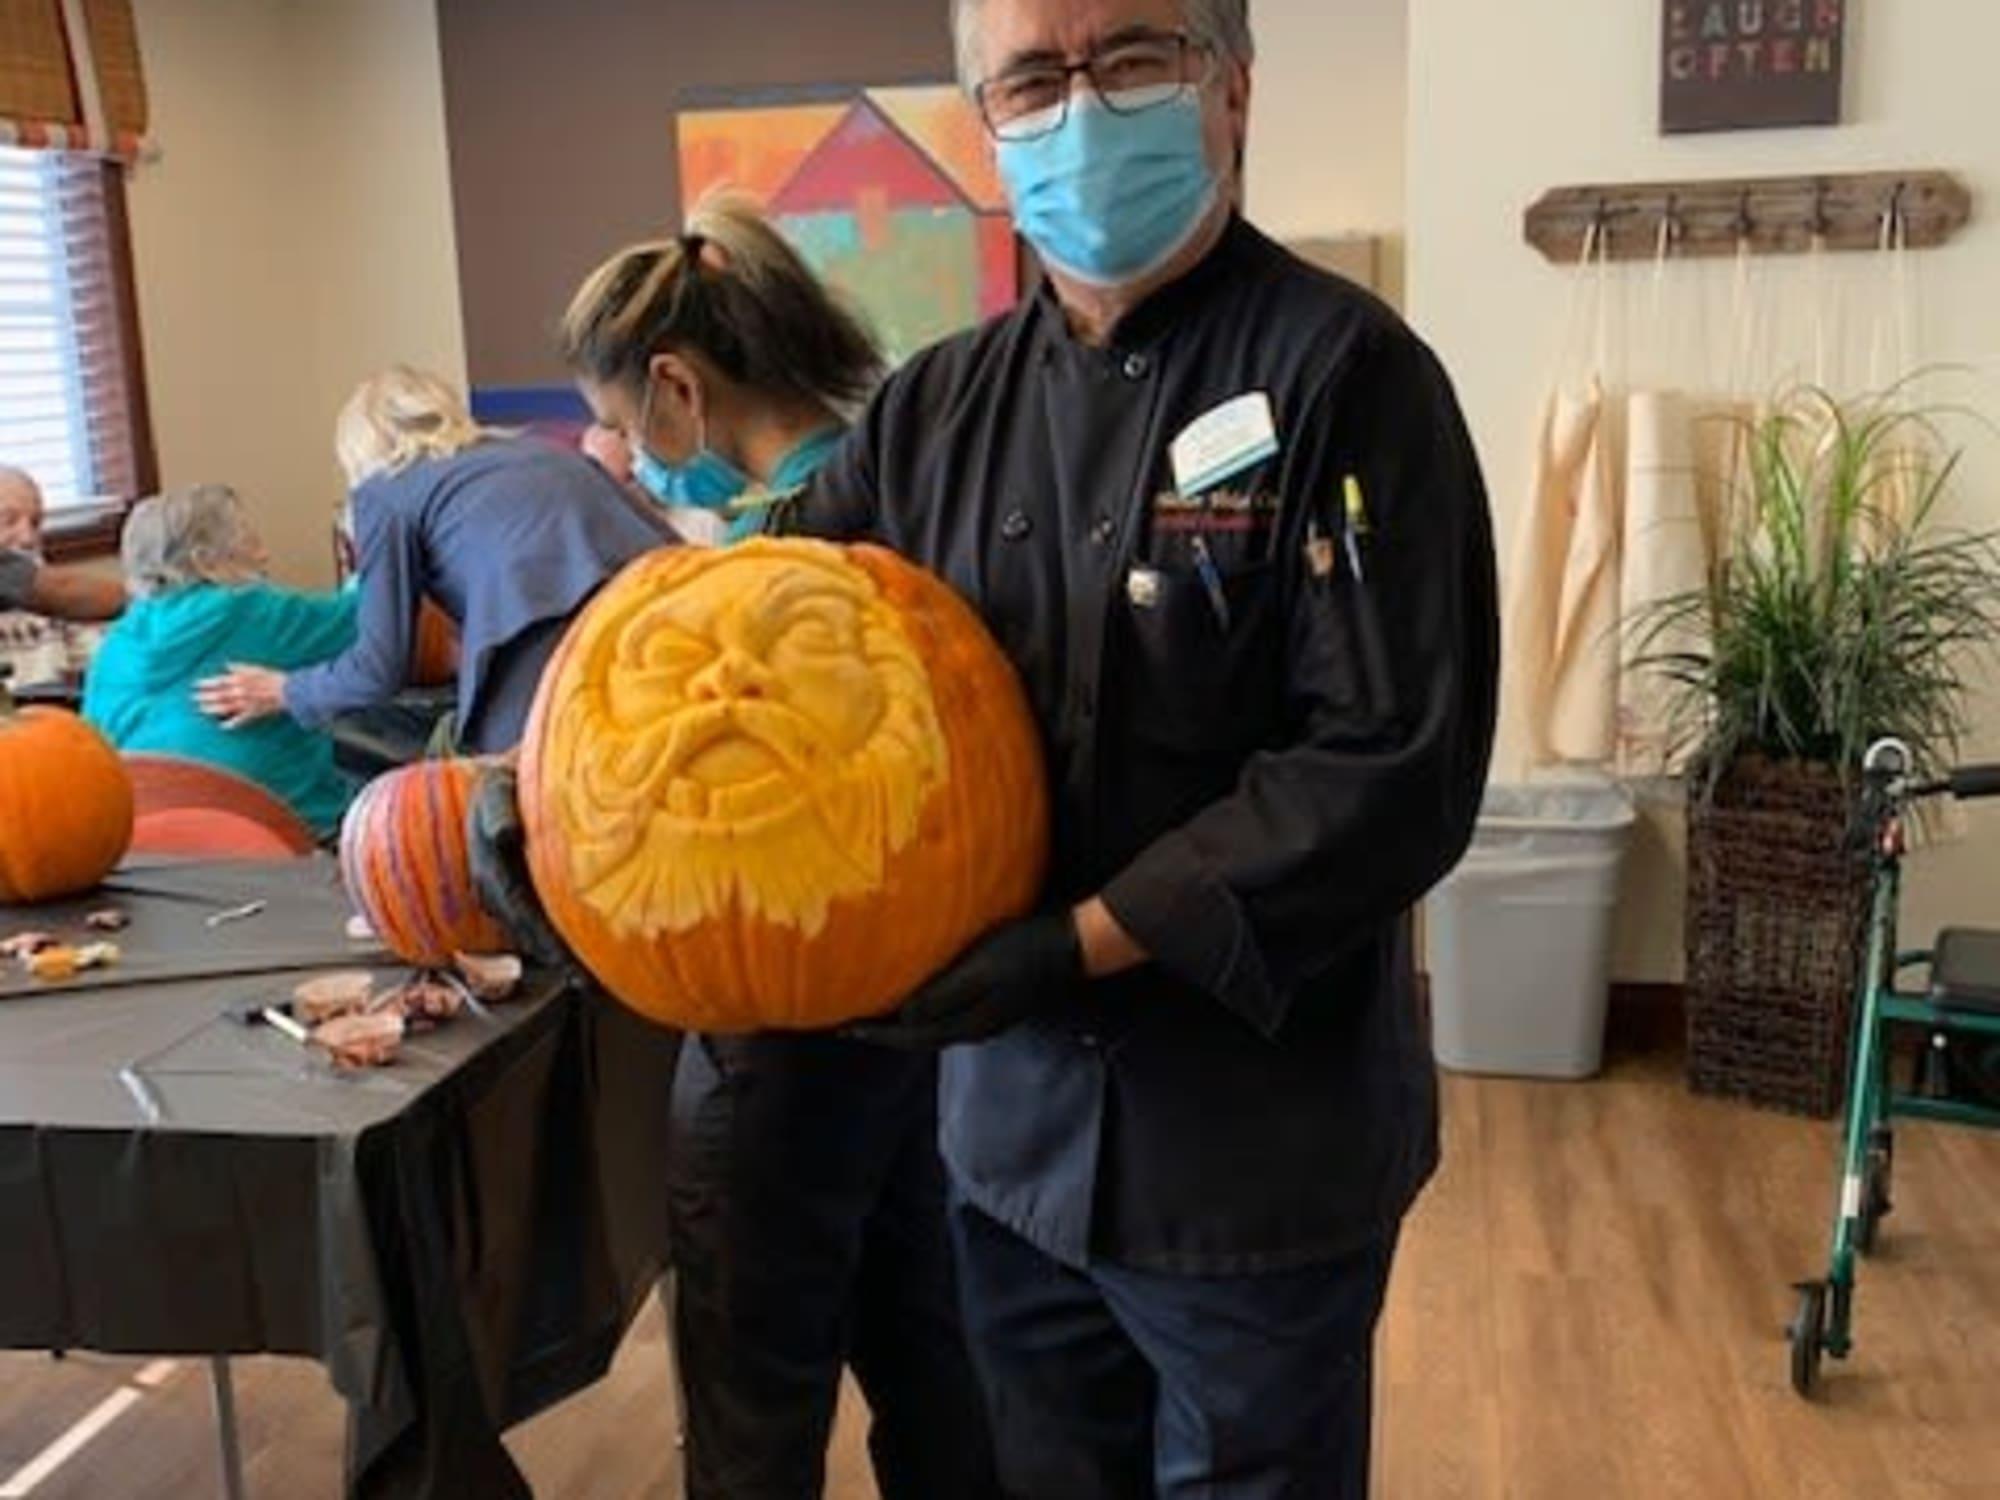 Carving pumpkins at Estancia Del Sol in Corona, CA